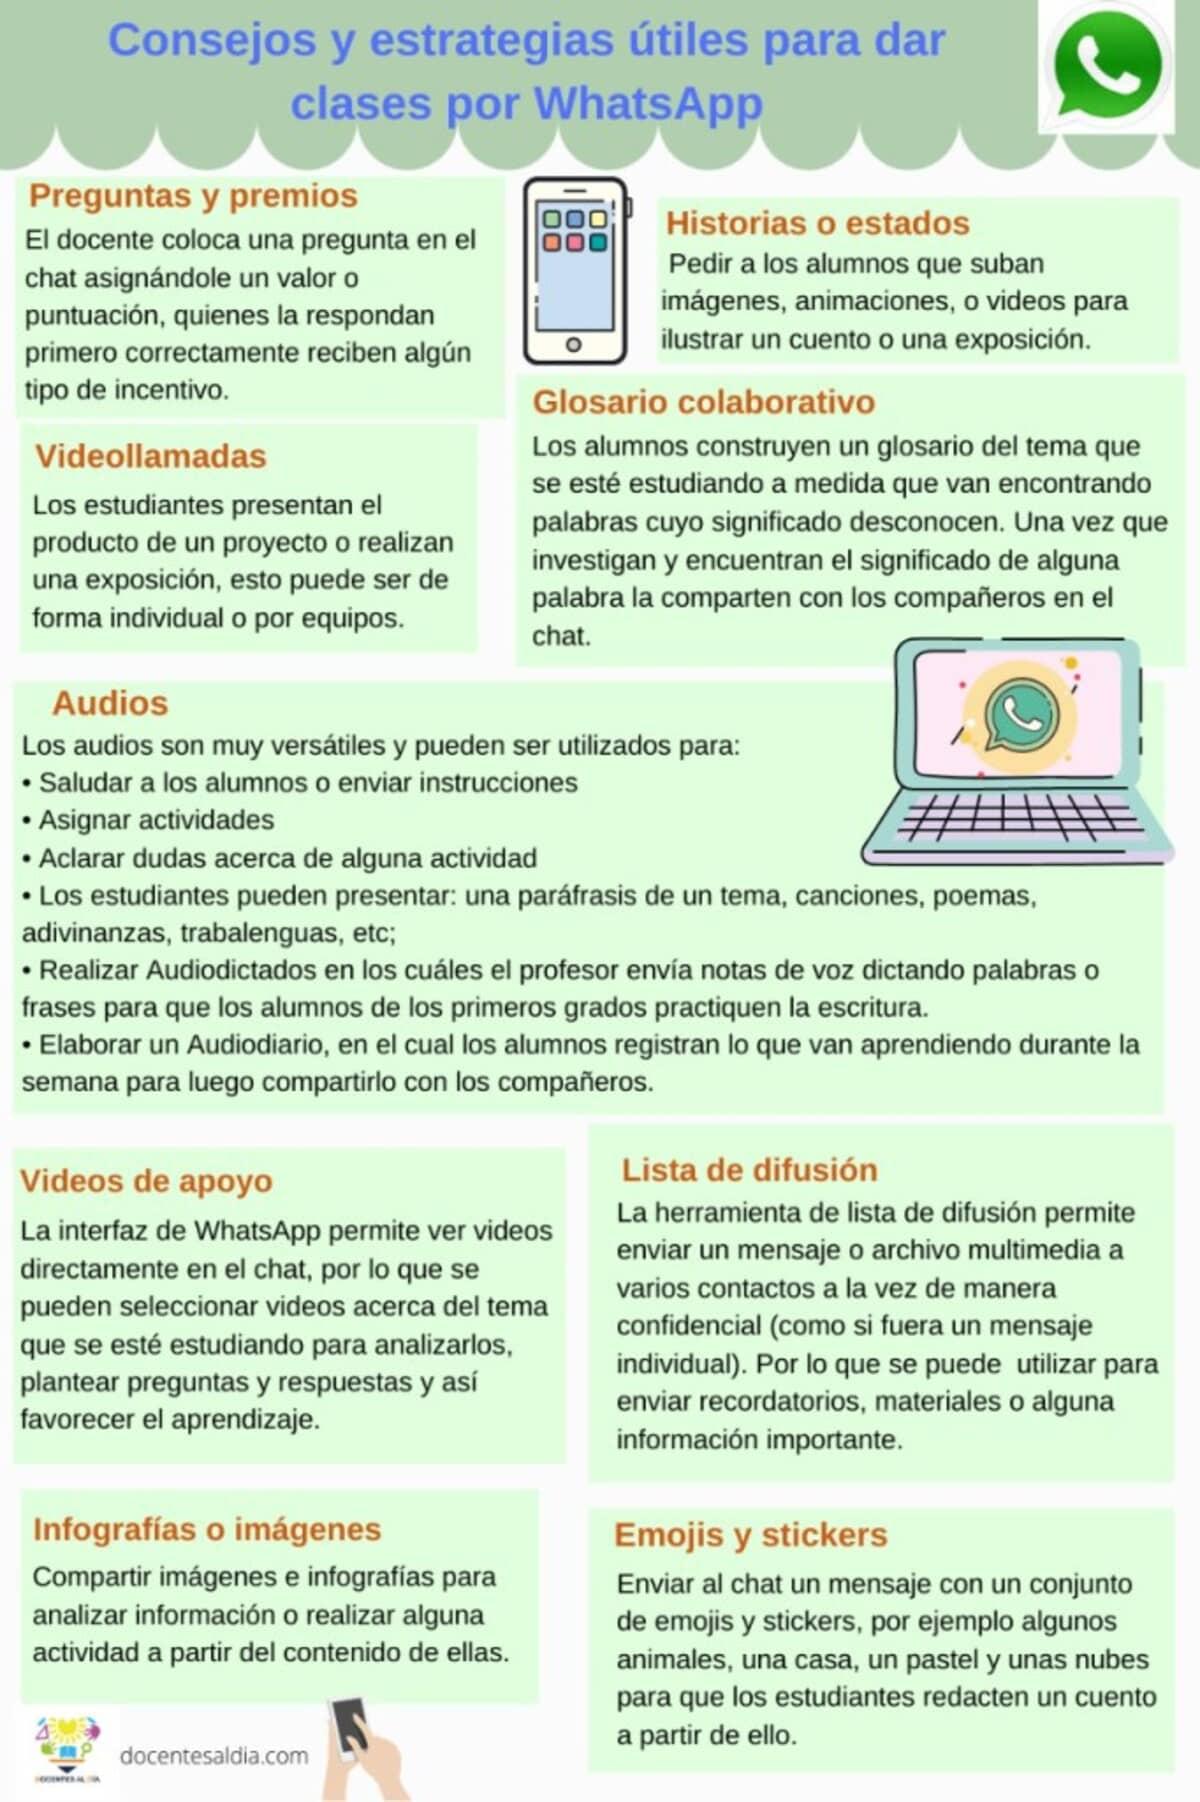 Whatsapp en el Aula - 9 Maneras de Utilizarla Eficazmente